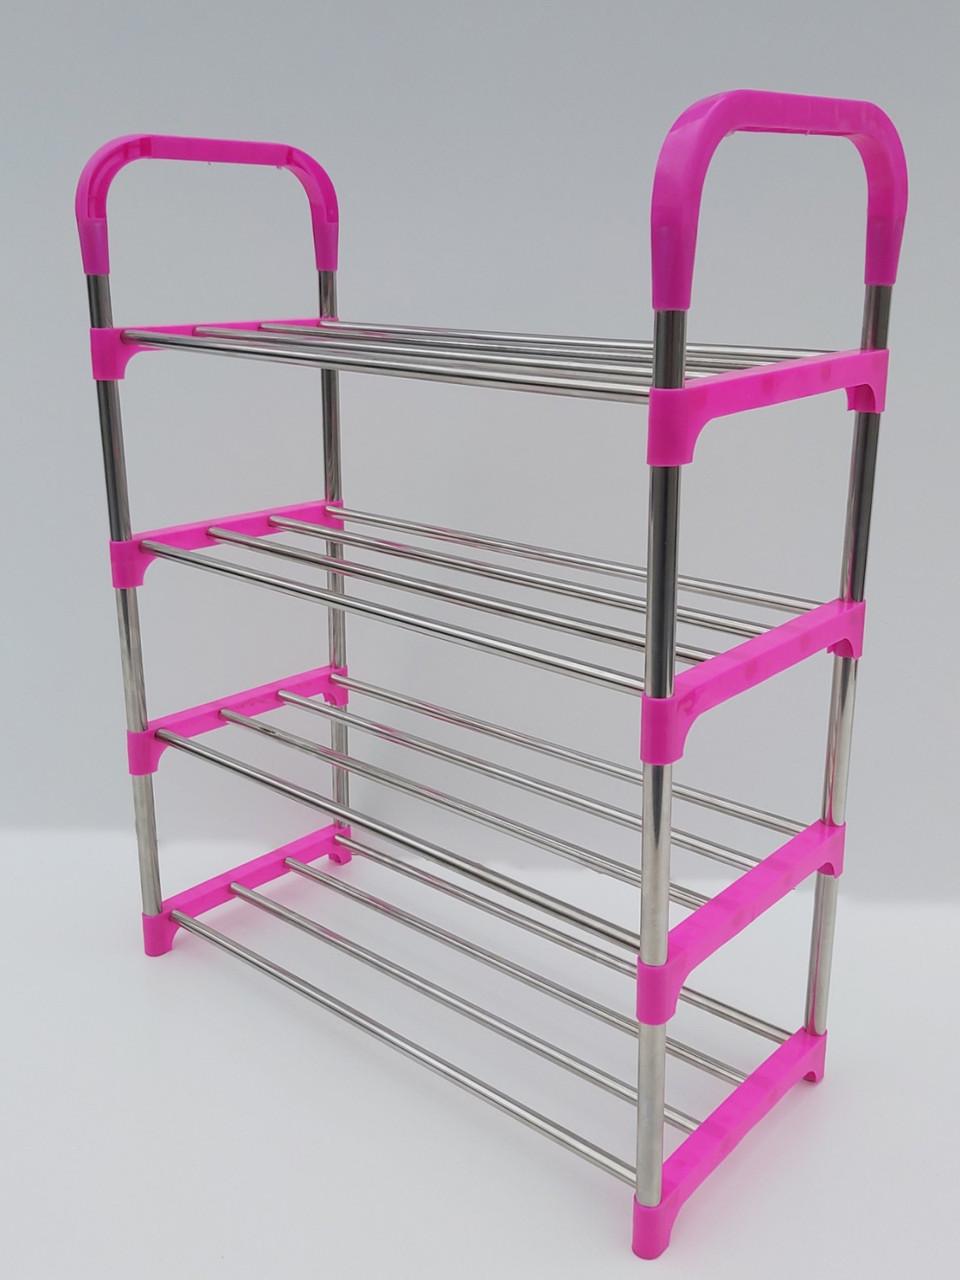 Ш 52*Г 23,5*В 65,5 см. Полка для обуви розового цвета на 4 яруса.